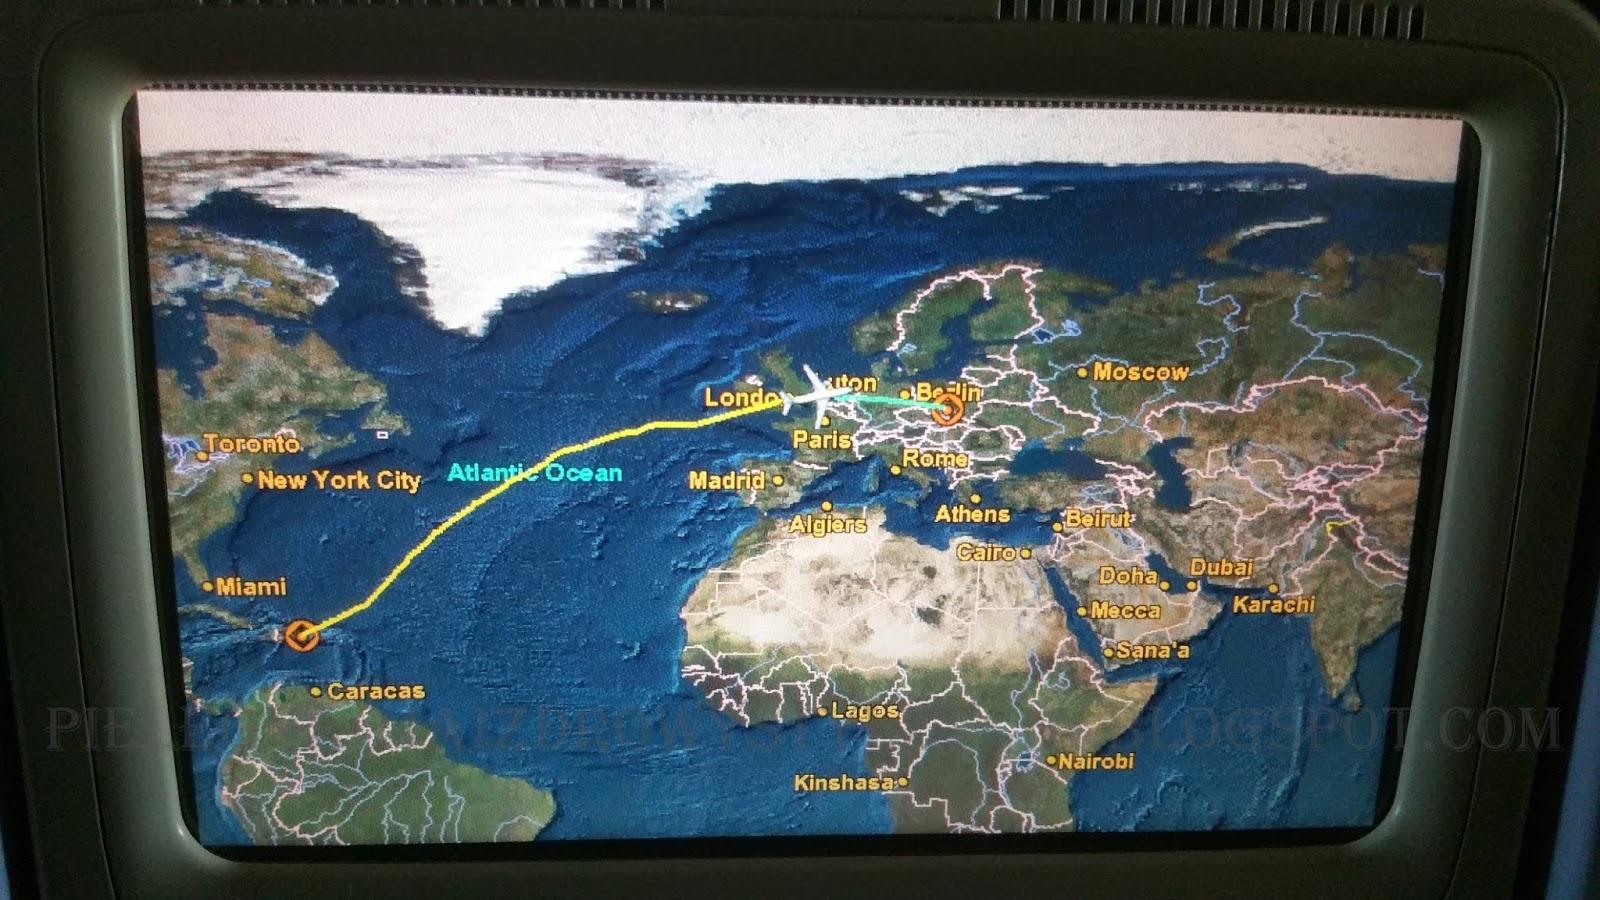 Lot Katowice - Dominikana Punta Cana